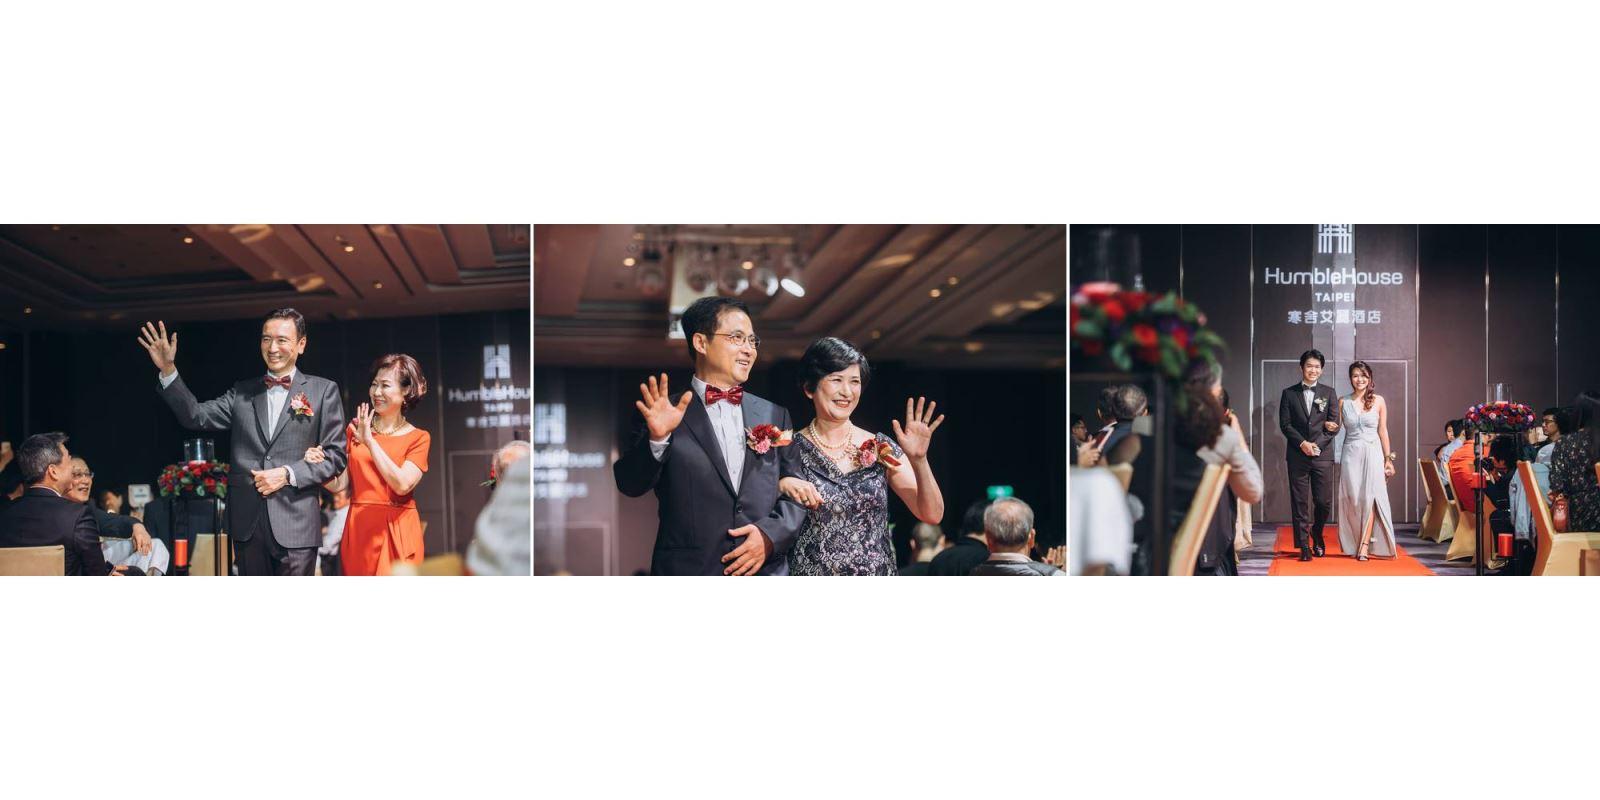 婚禮進場方式與順序, TWO in ONE婚禮主持人會給您方案選擇.